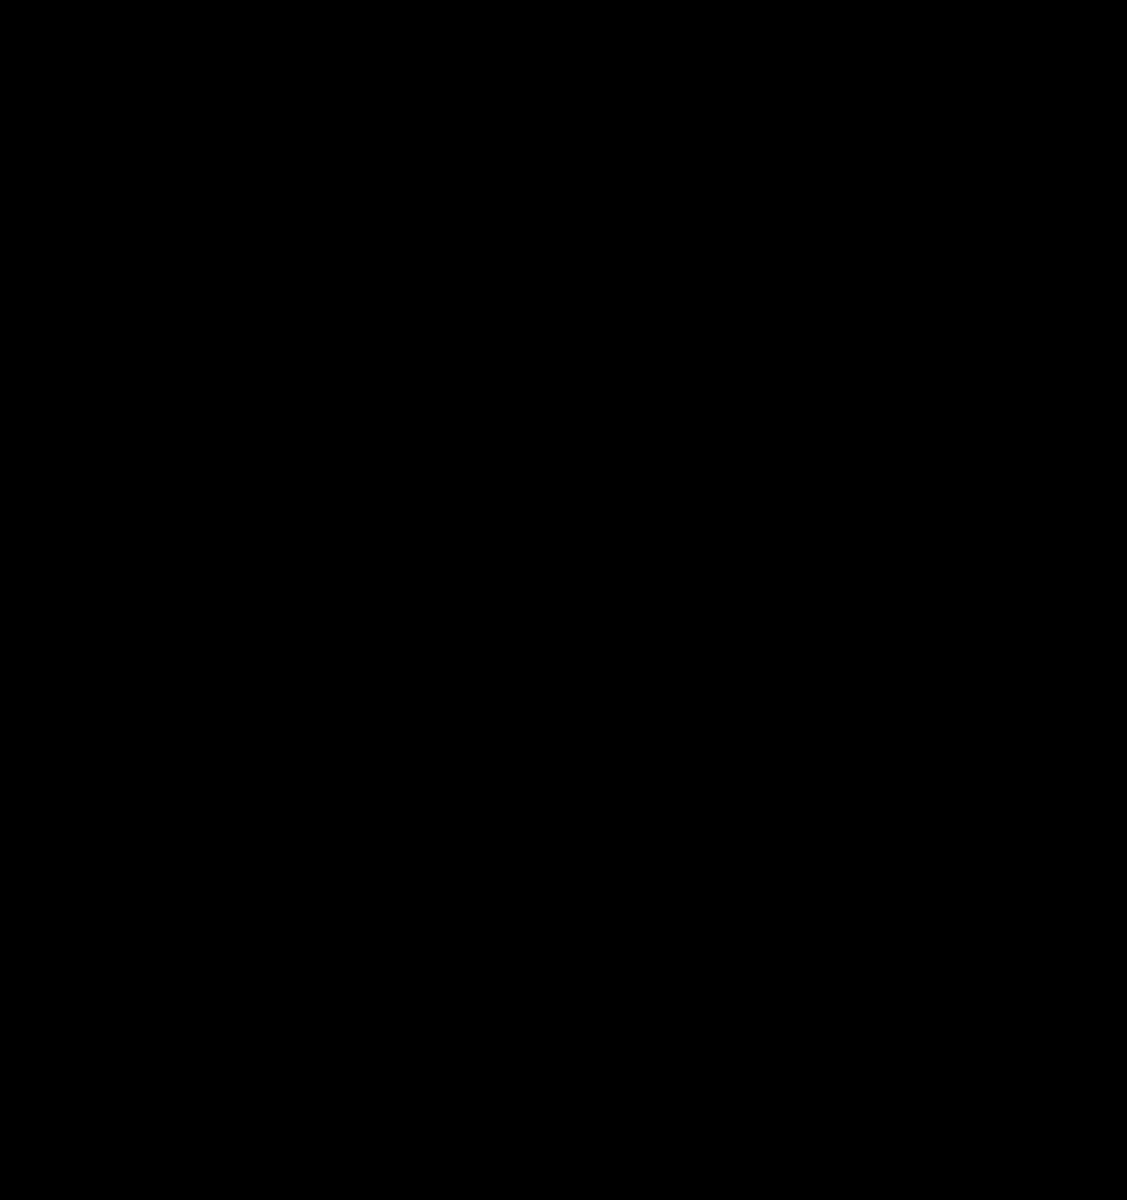 6704665_f260.jpg